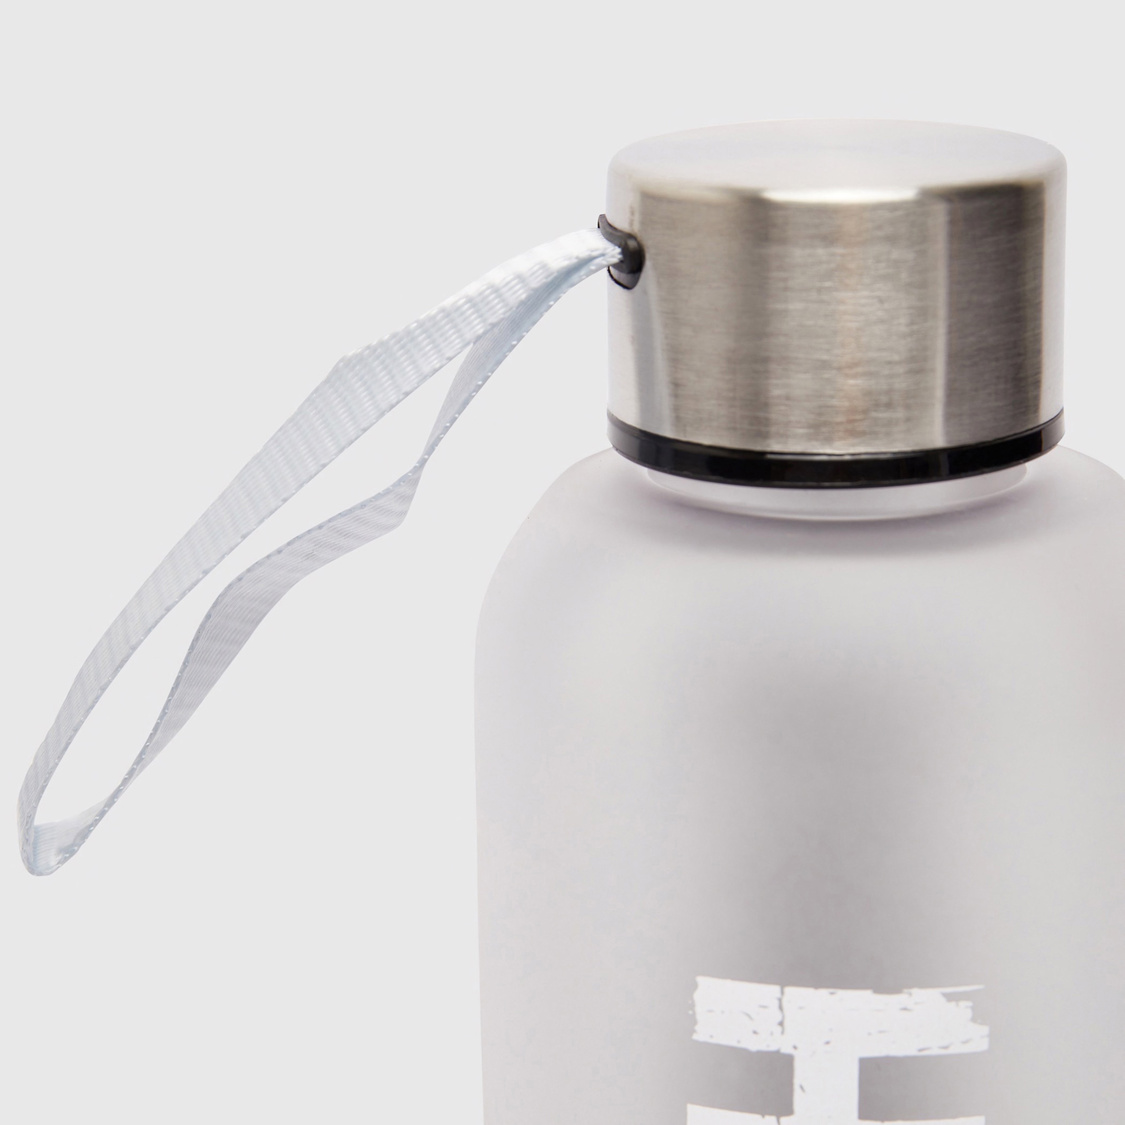 قارورة مياه بطبعات نصيّة وغطاء